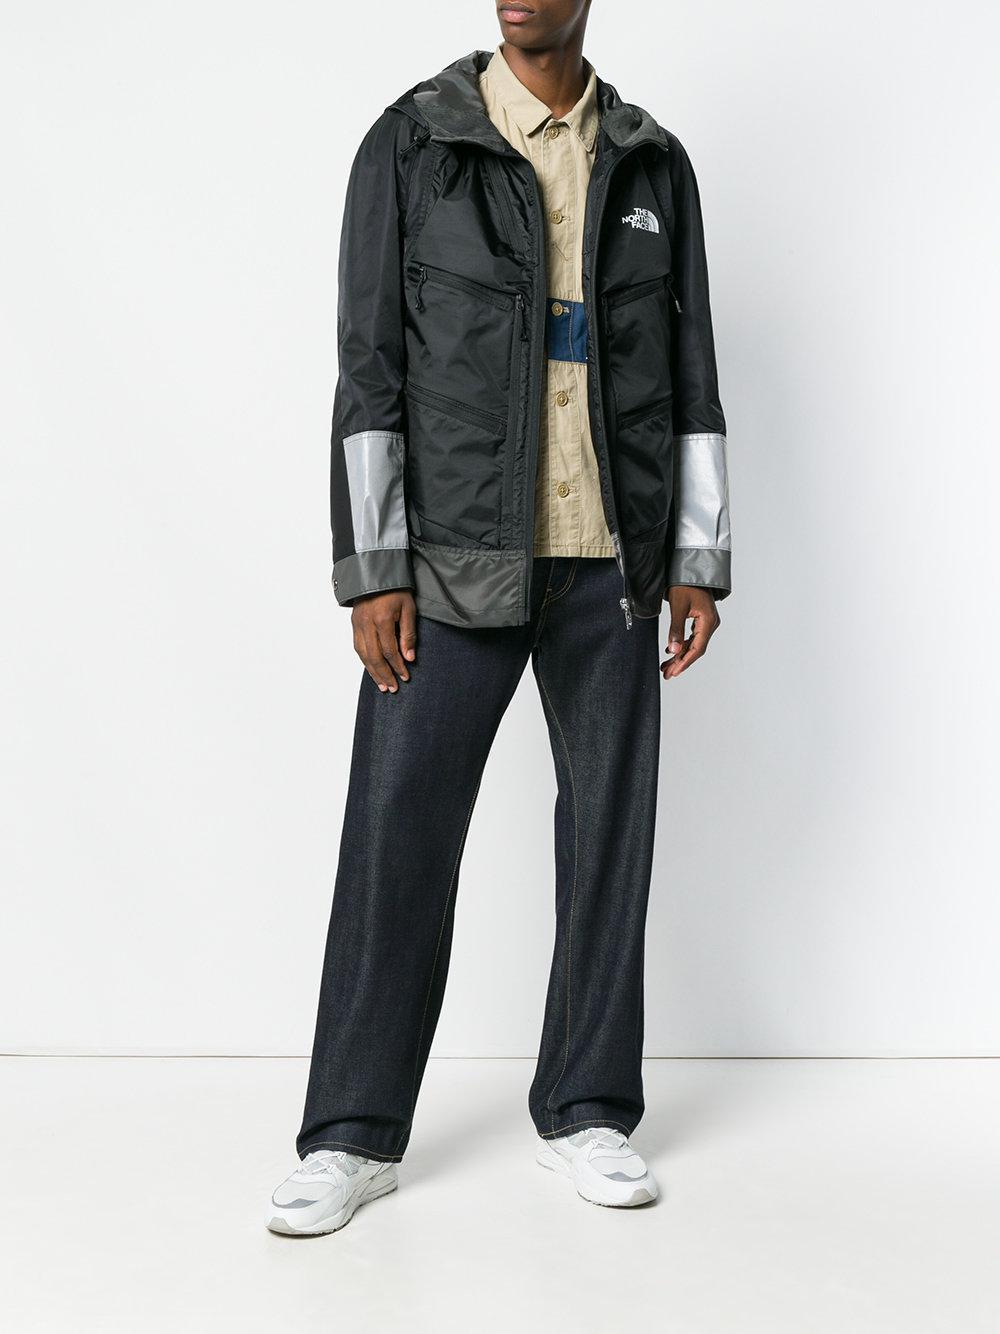 b95ec39ca8 ... Junya Watanabe Comme Des Garçons X The North Face Coat for Men. View  fullscreen